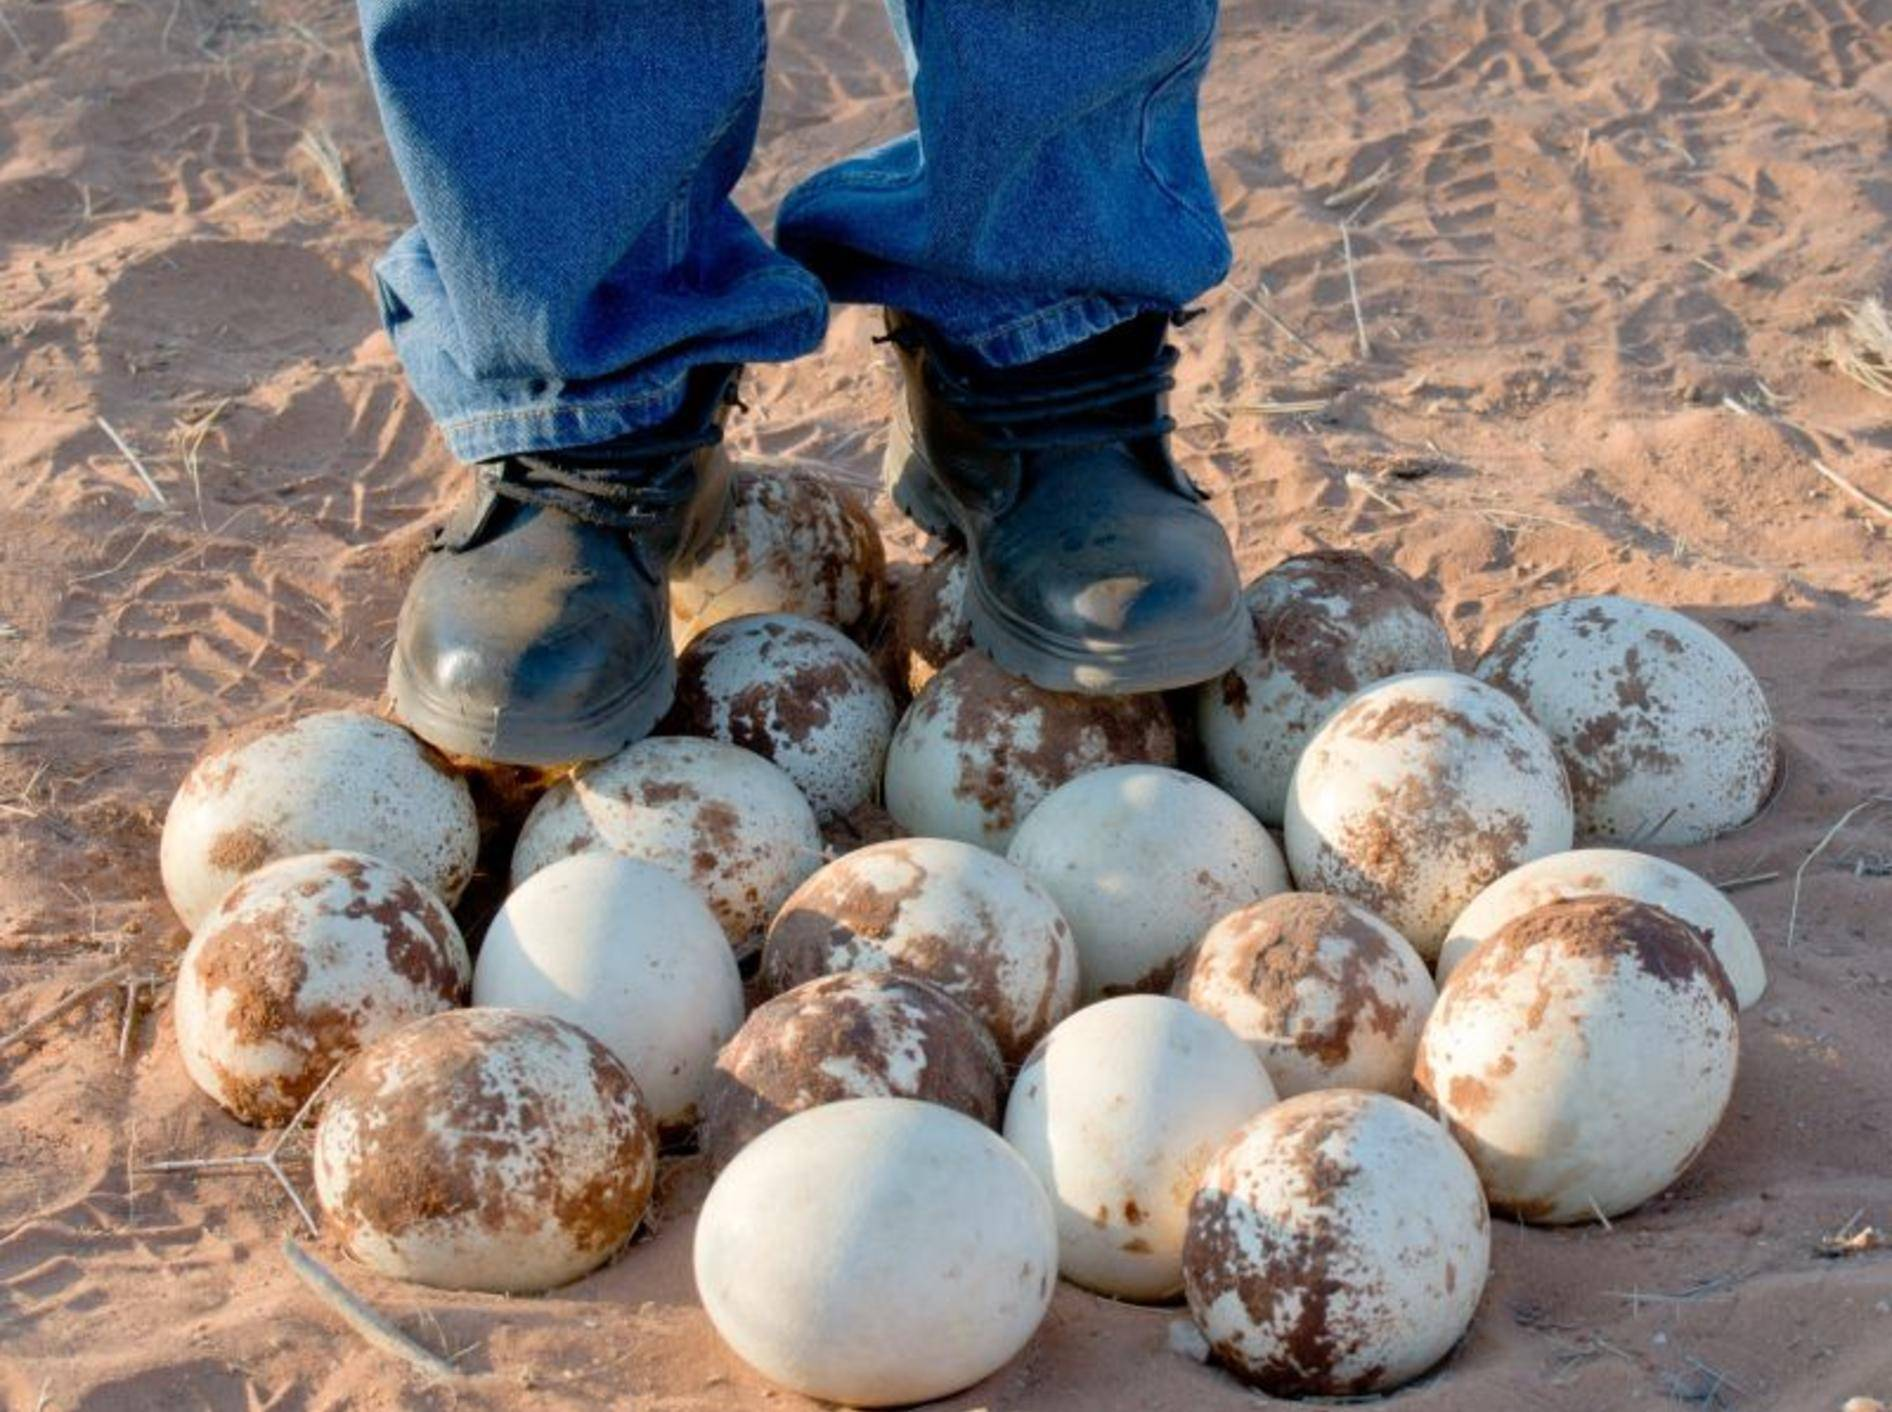 Diese Eier sind groß und haben eine fast unzerstörbare Schale. Zu welchem Tier gehören sie? — Bild: Shutterstock / iladm